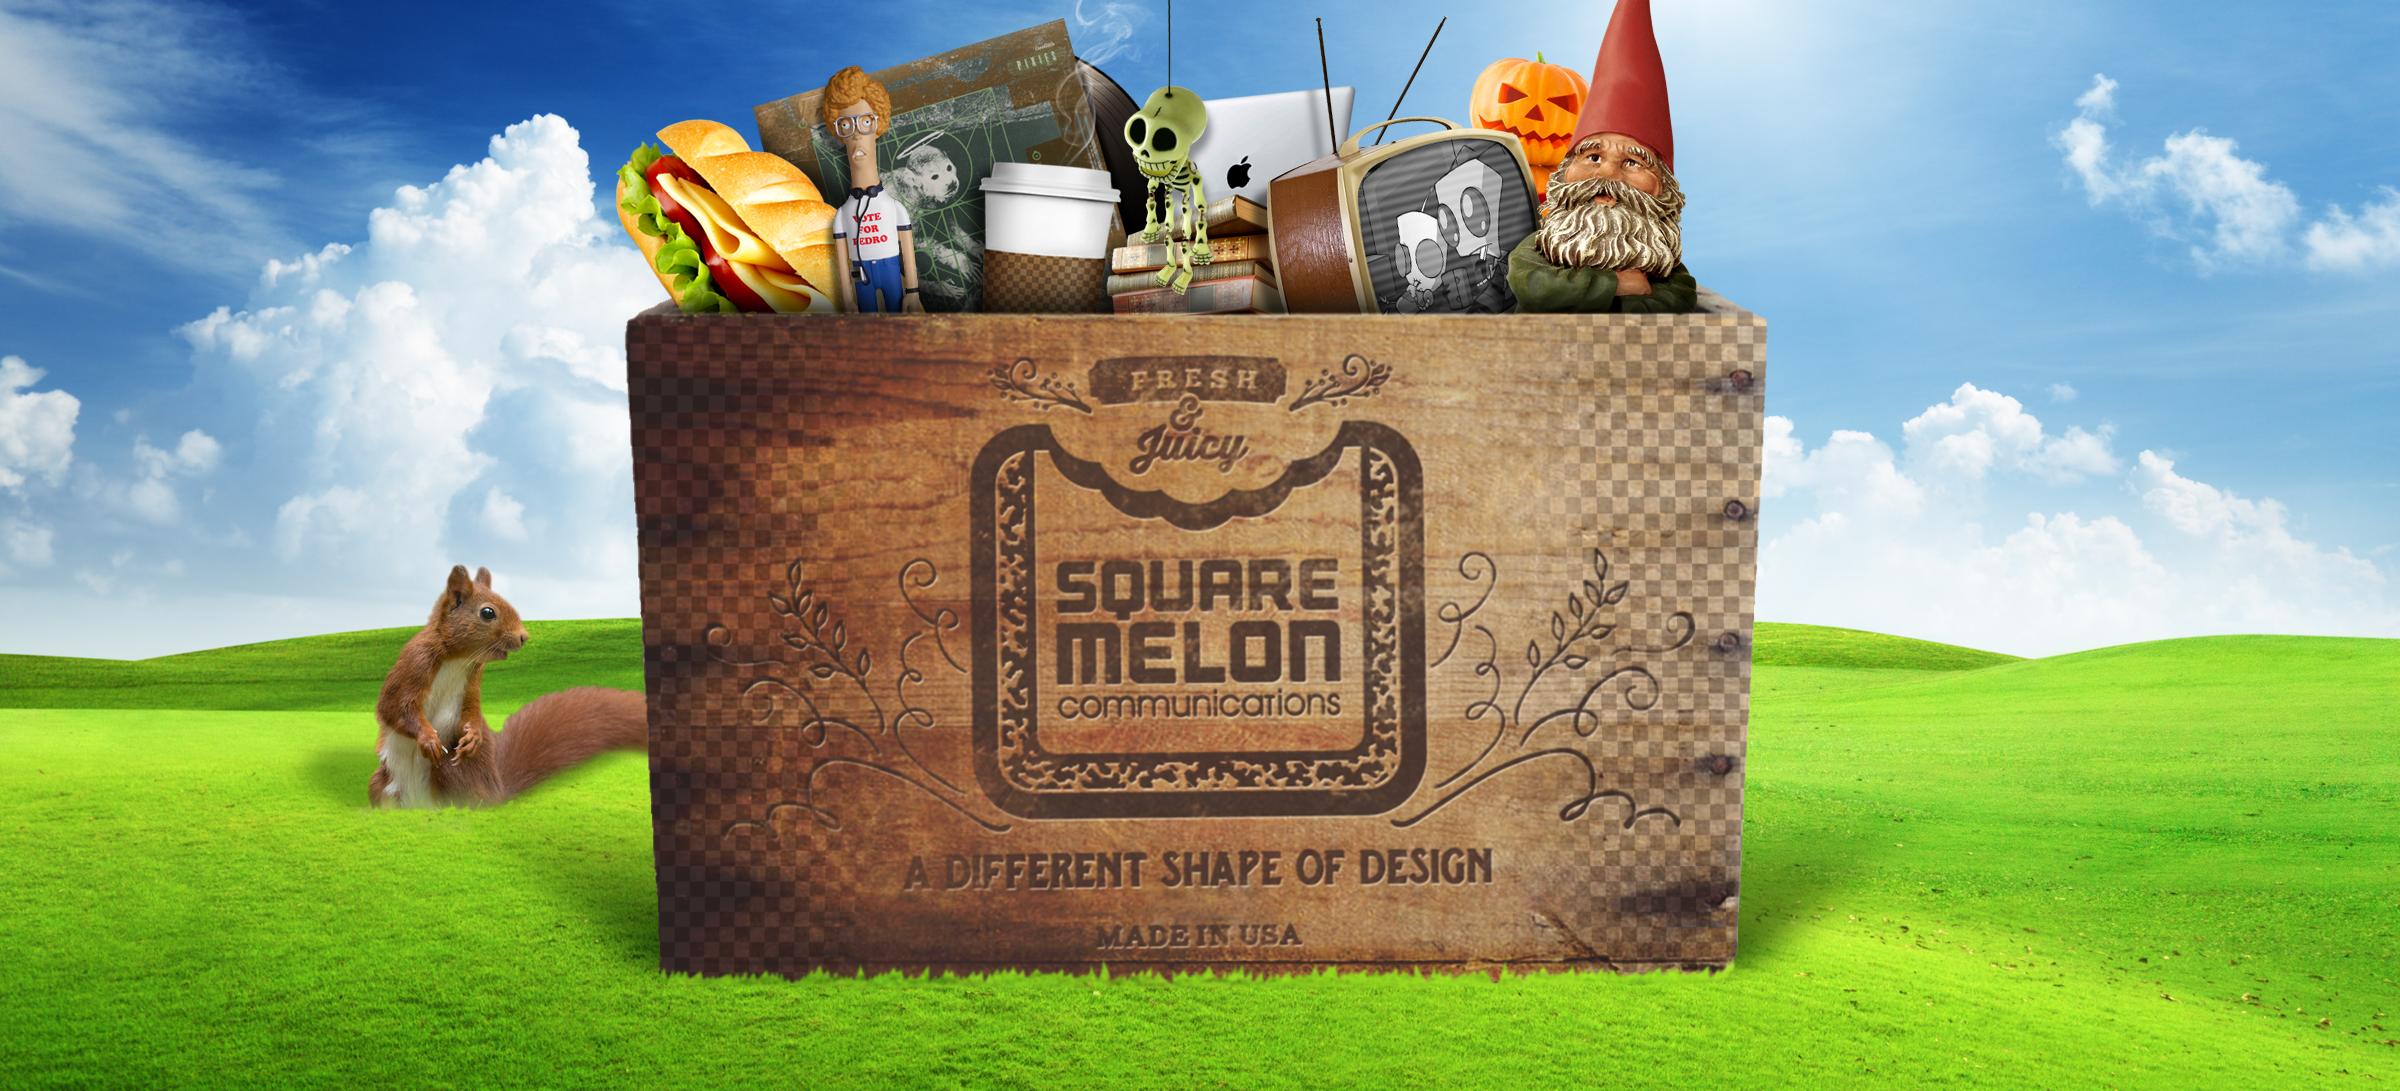 SM WEB_Crate Landscape_2